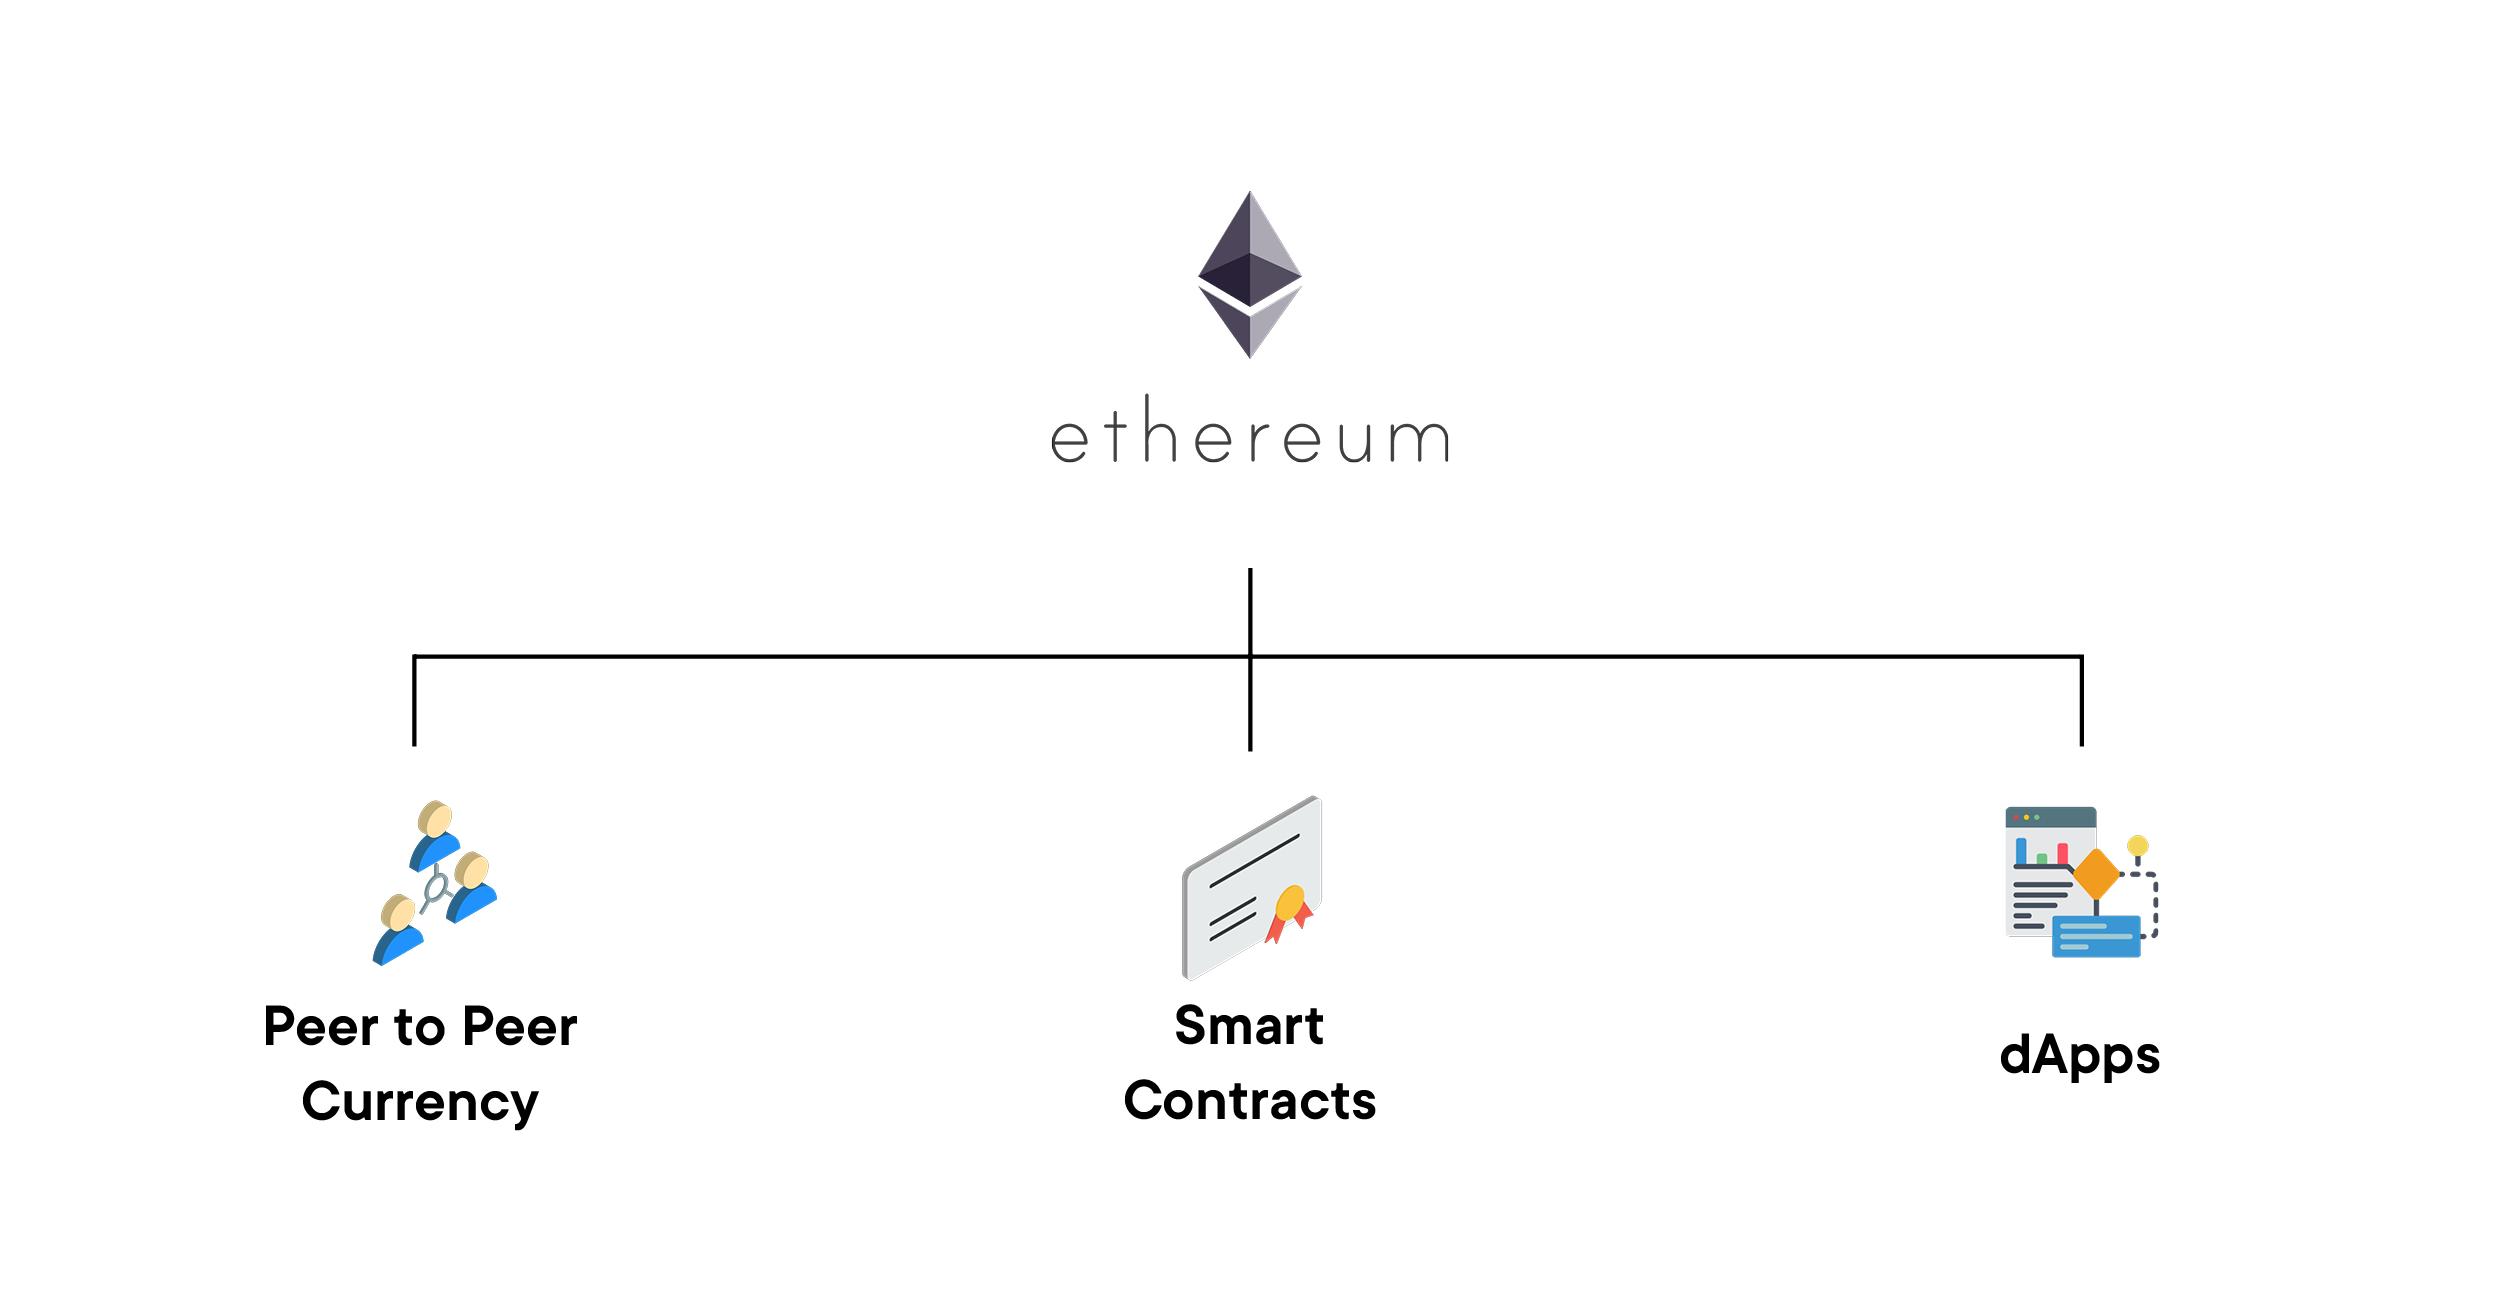 ethereum value swissborg